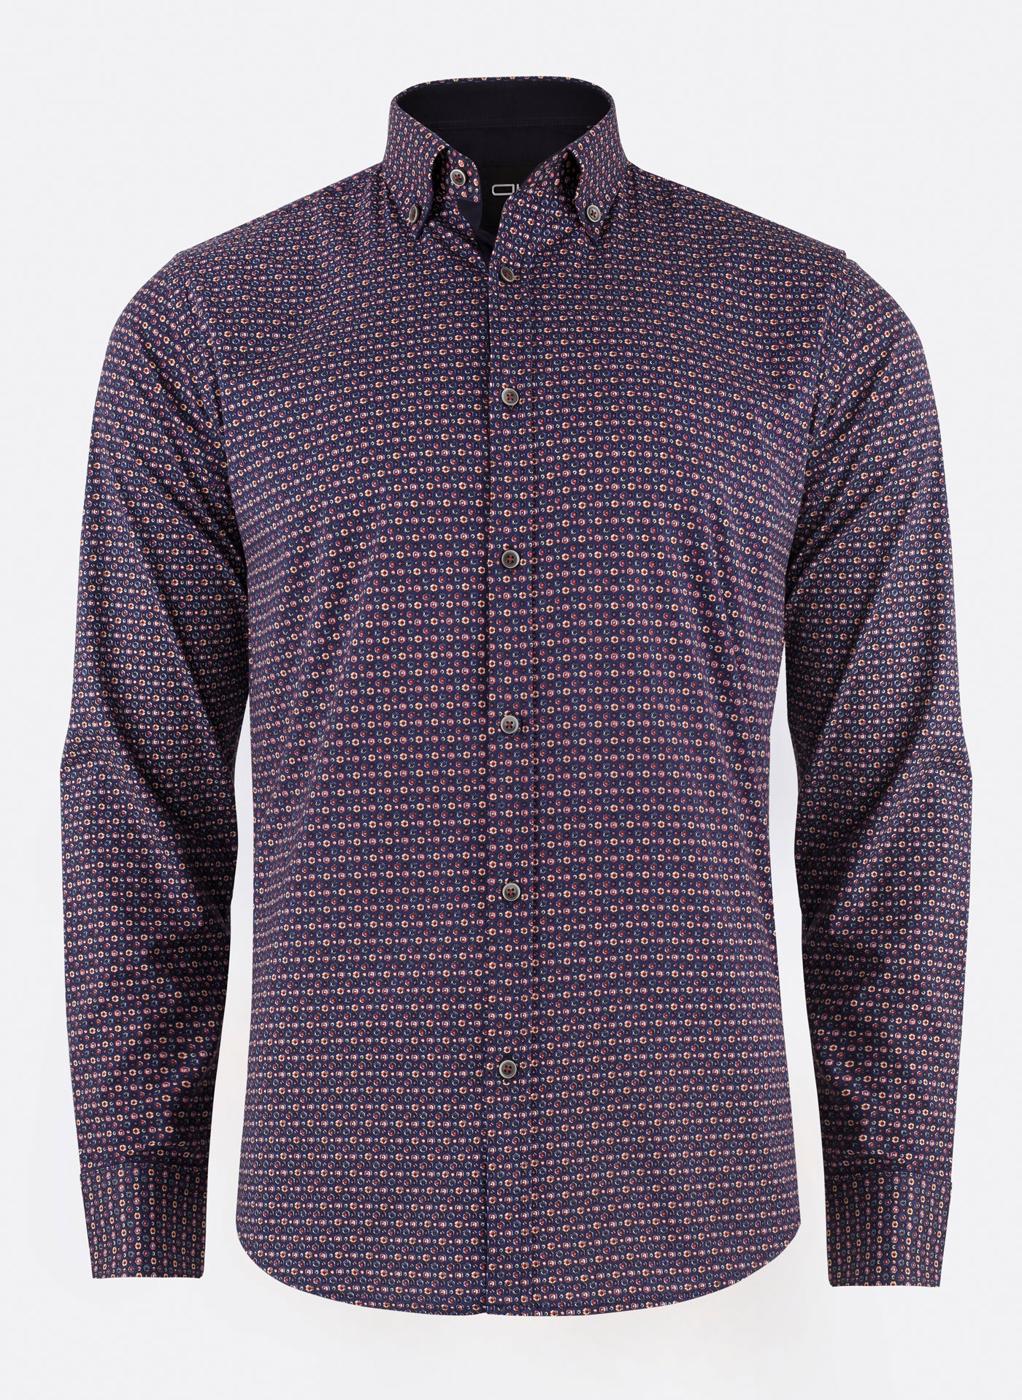 11942-PL-20 Trendová pánska košeľa PAKO LORENTE